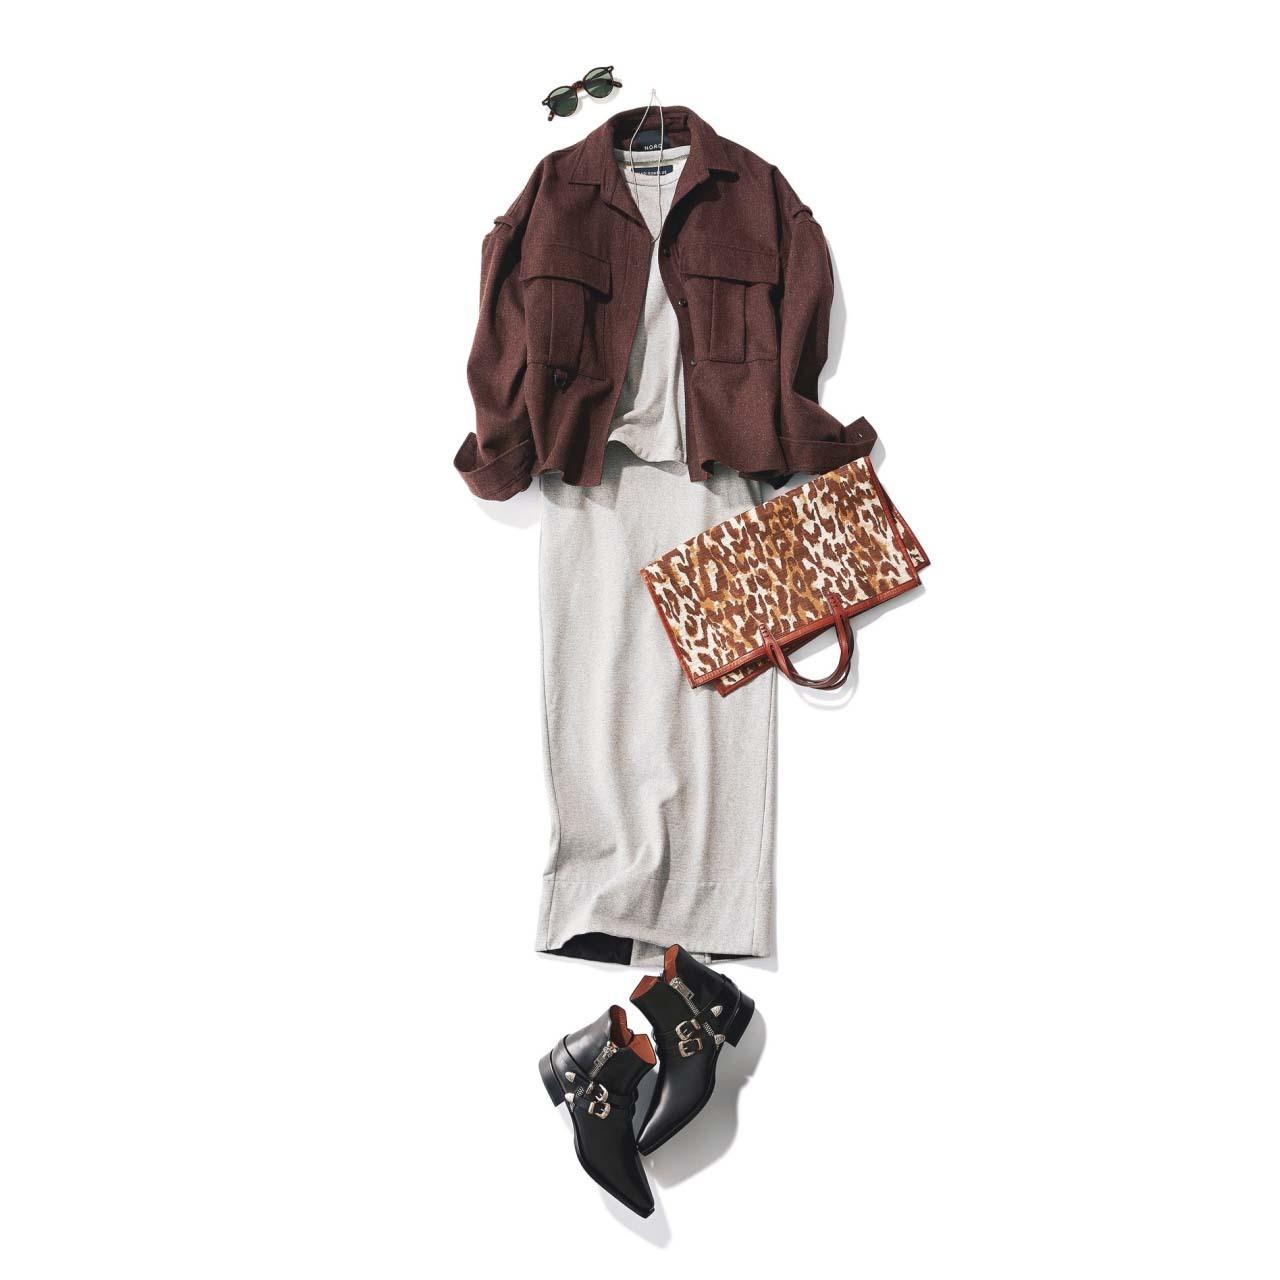 ジャケット×ロングタイトスカート×黒のショートブーツコーデ